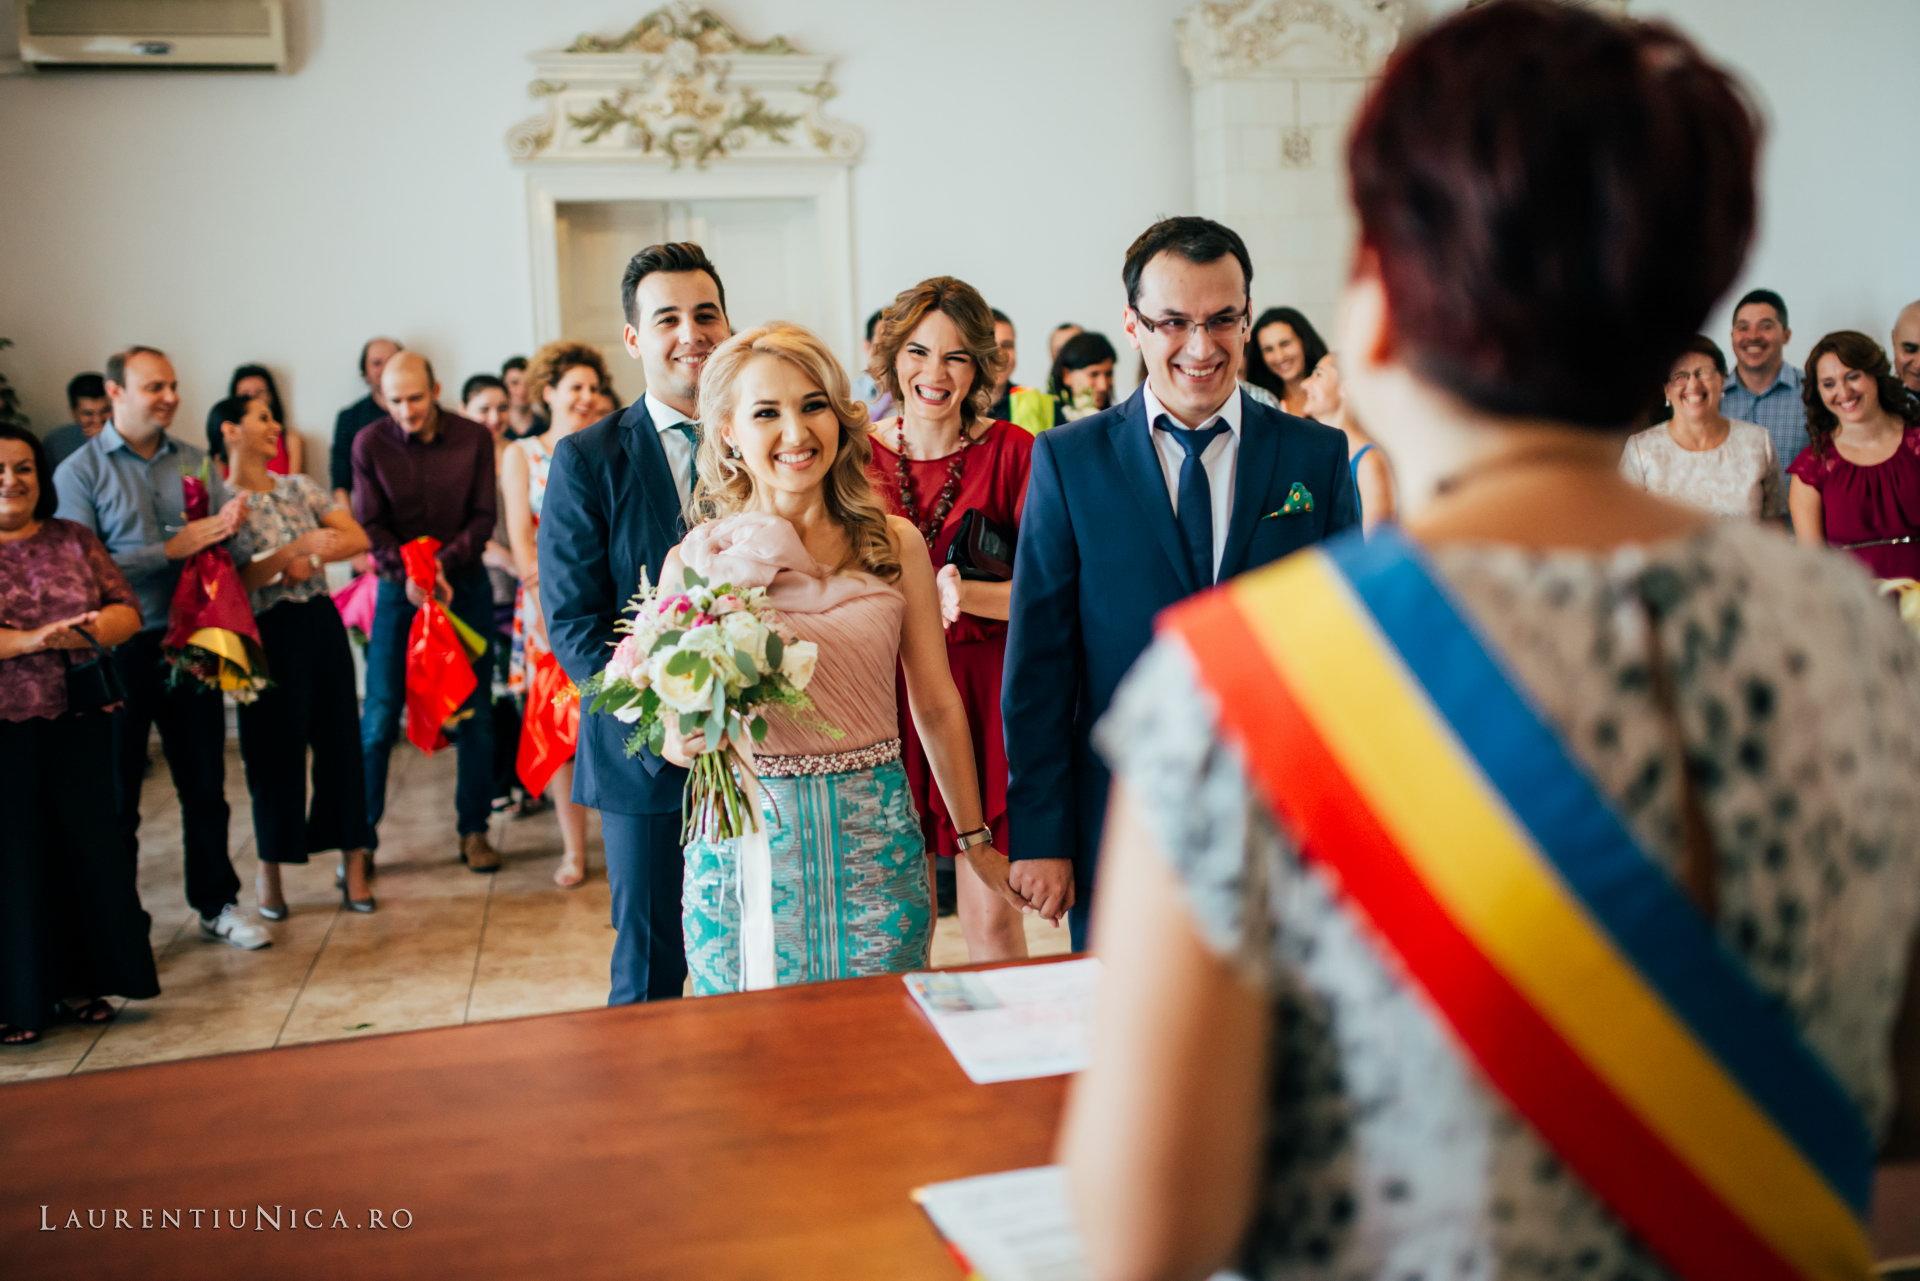 alina si razvan craiova fotograf nunta laurentiu nica03 - Alina & Razvan | Fotografii nunta